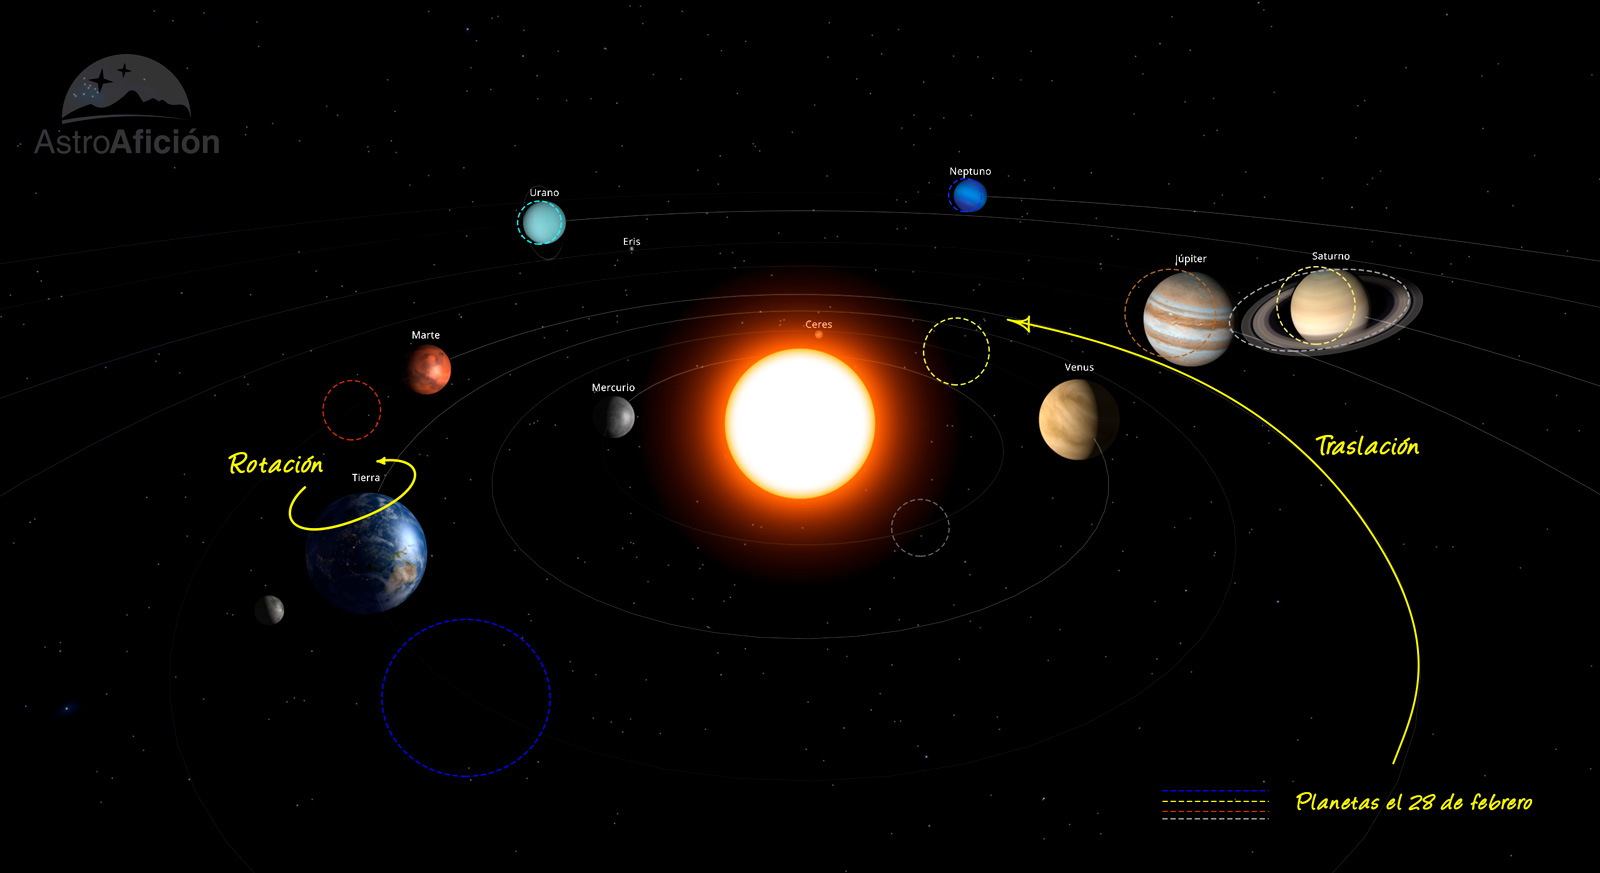 Efemérides astronómicas de febrero de 2021